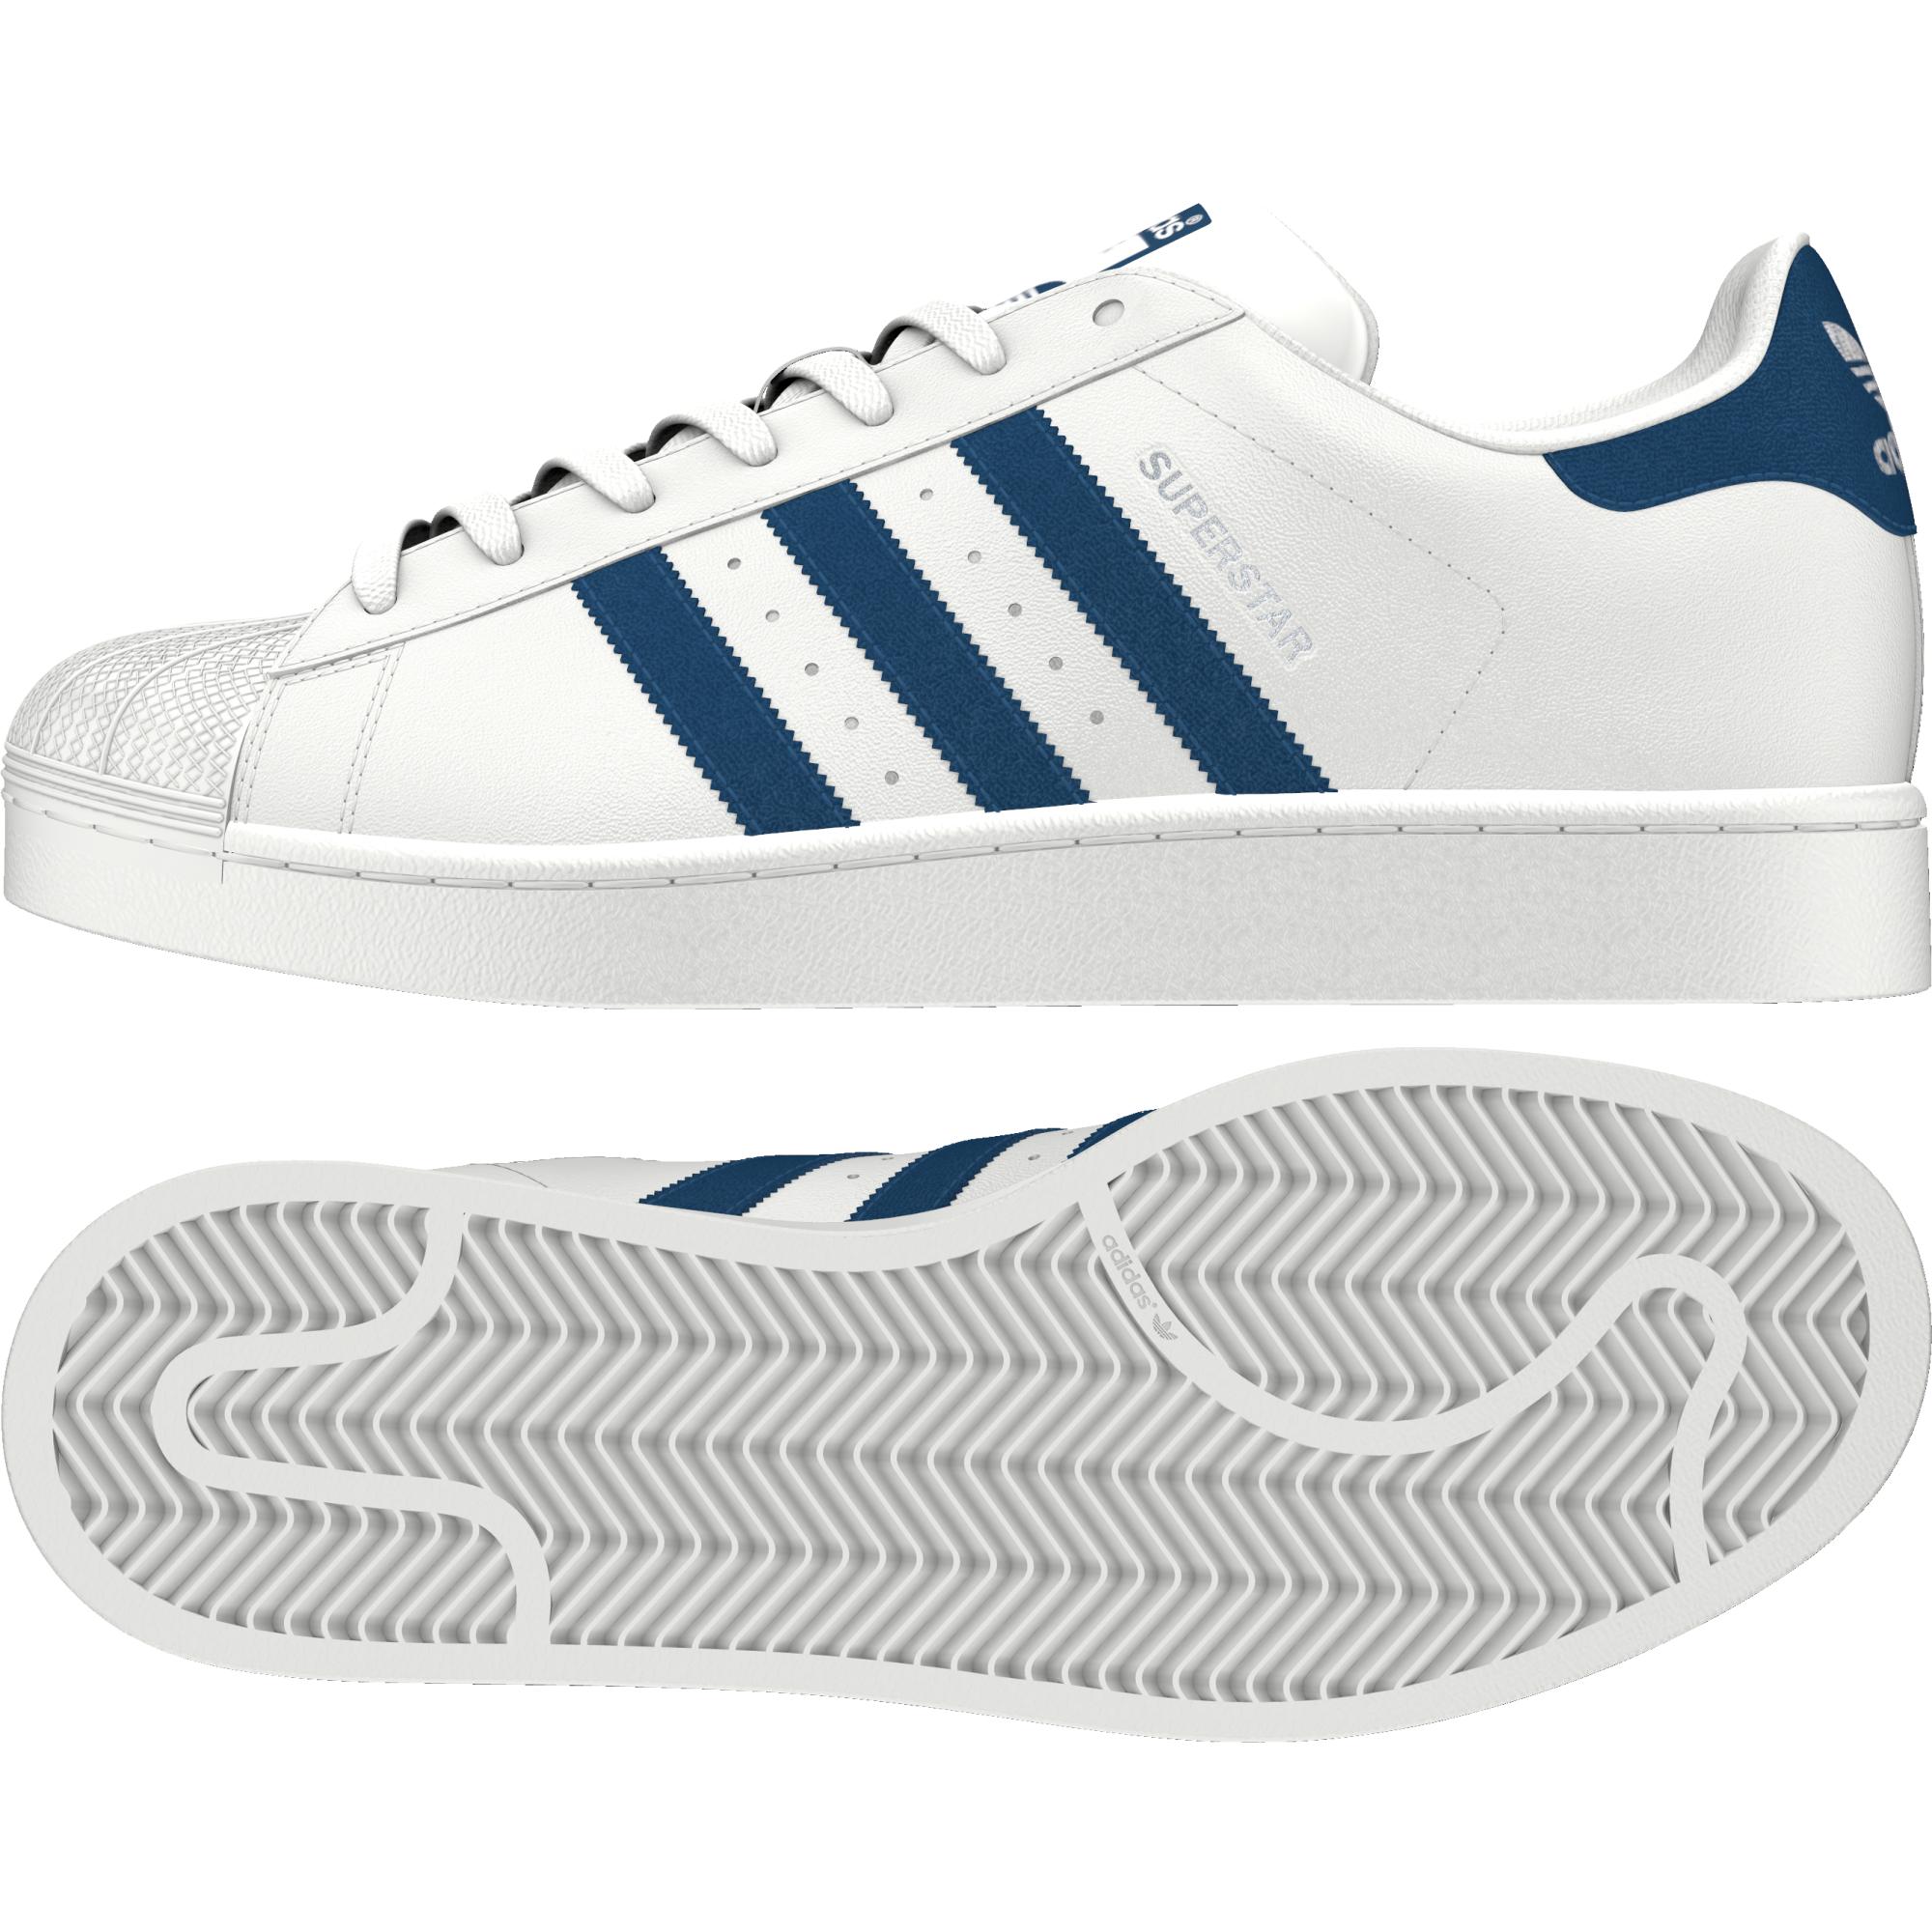 Adidas Superstar férfi utcai cipő  412bc1c3ce